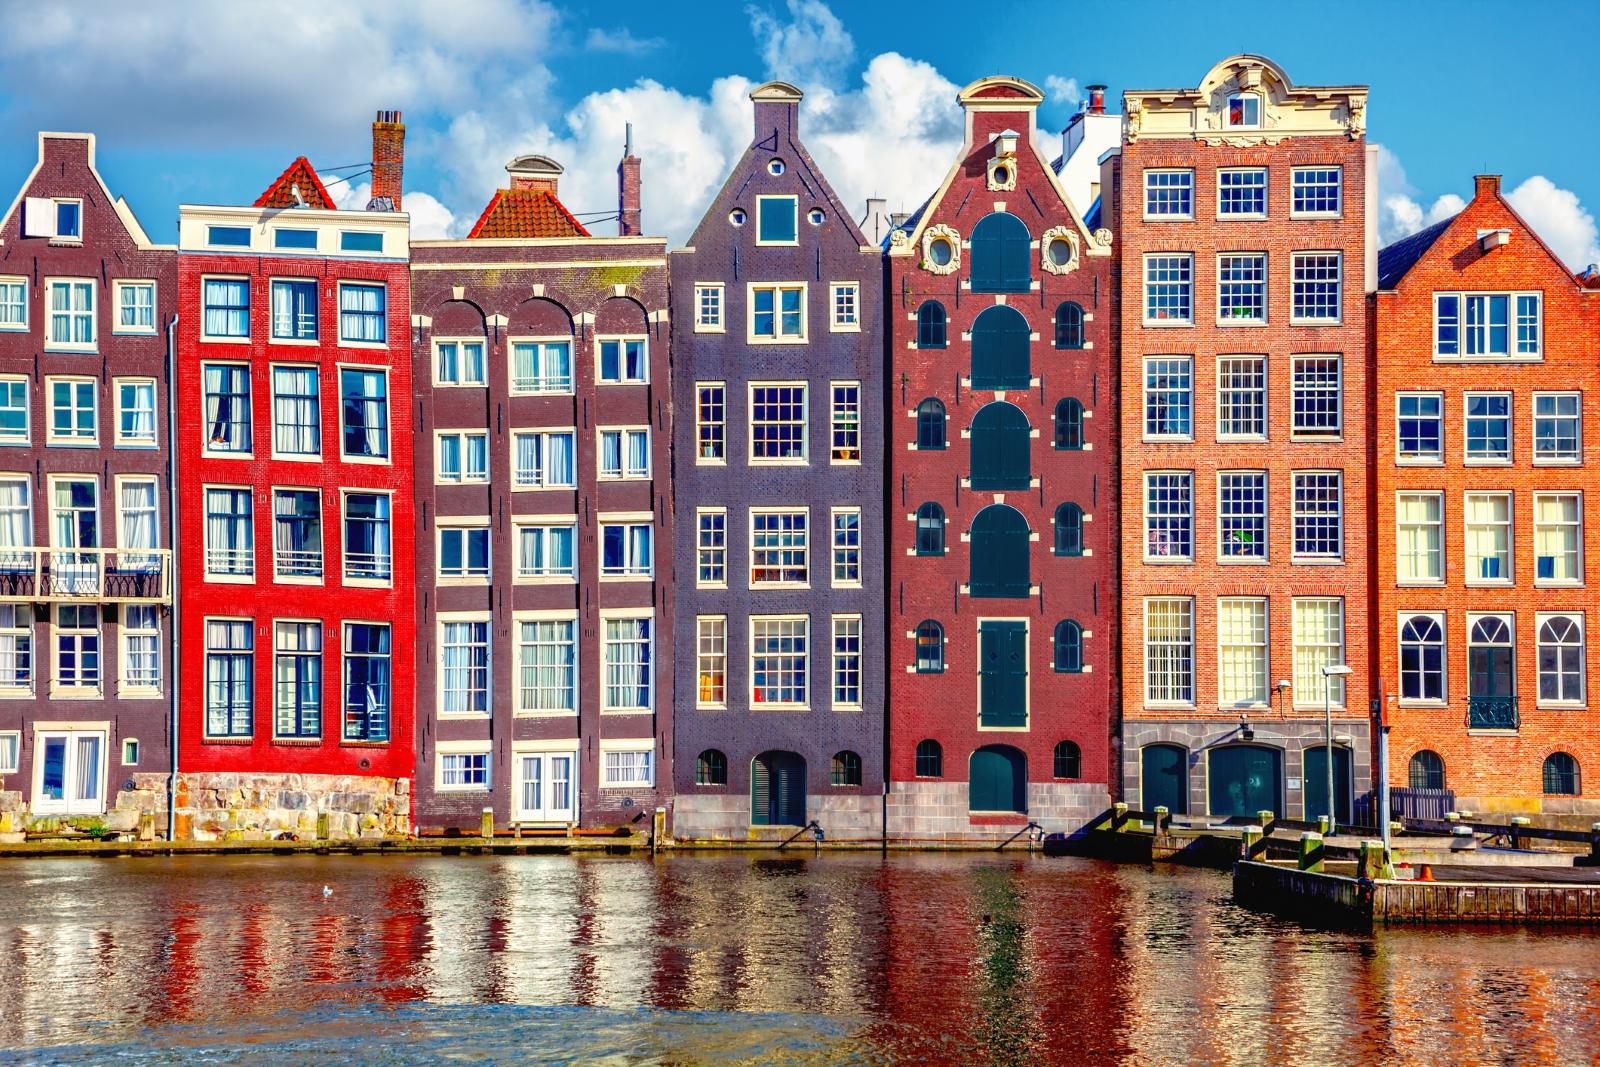 """Амстердам. 64% от населението му се придвижват с велосипеди. """"Амстердам Смарт Сити"""" е един от най-големите проекти, които се извършват на територията на града. В него градското пространство се използва като голяма лаборатория, в която се извършват редица експерименти, които да ни дадат повече информация за това как можем да пестим енергия и да не замърсяваме околната среда."""